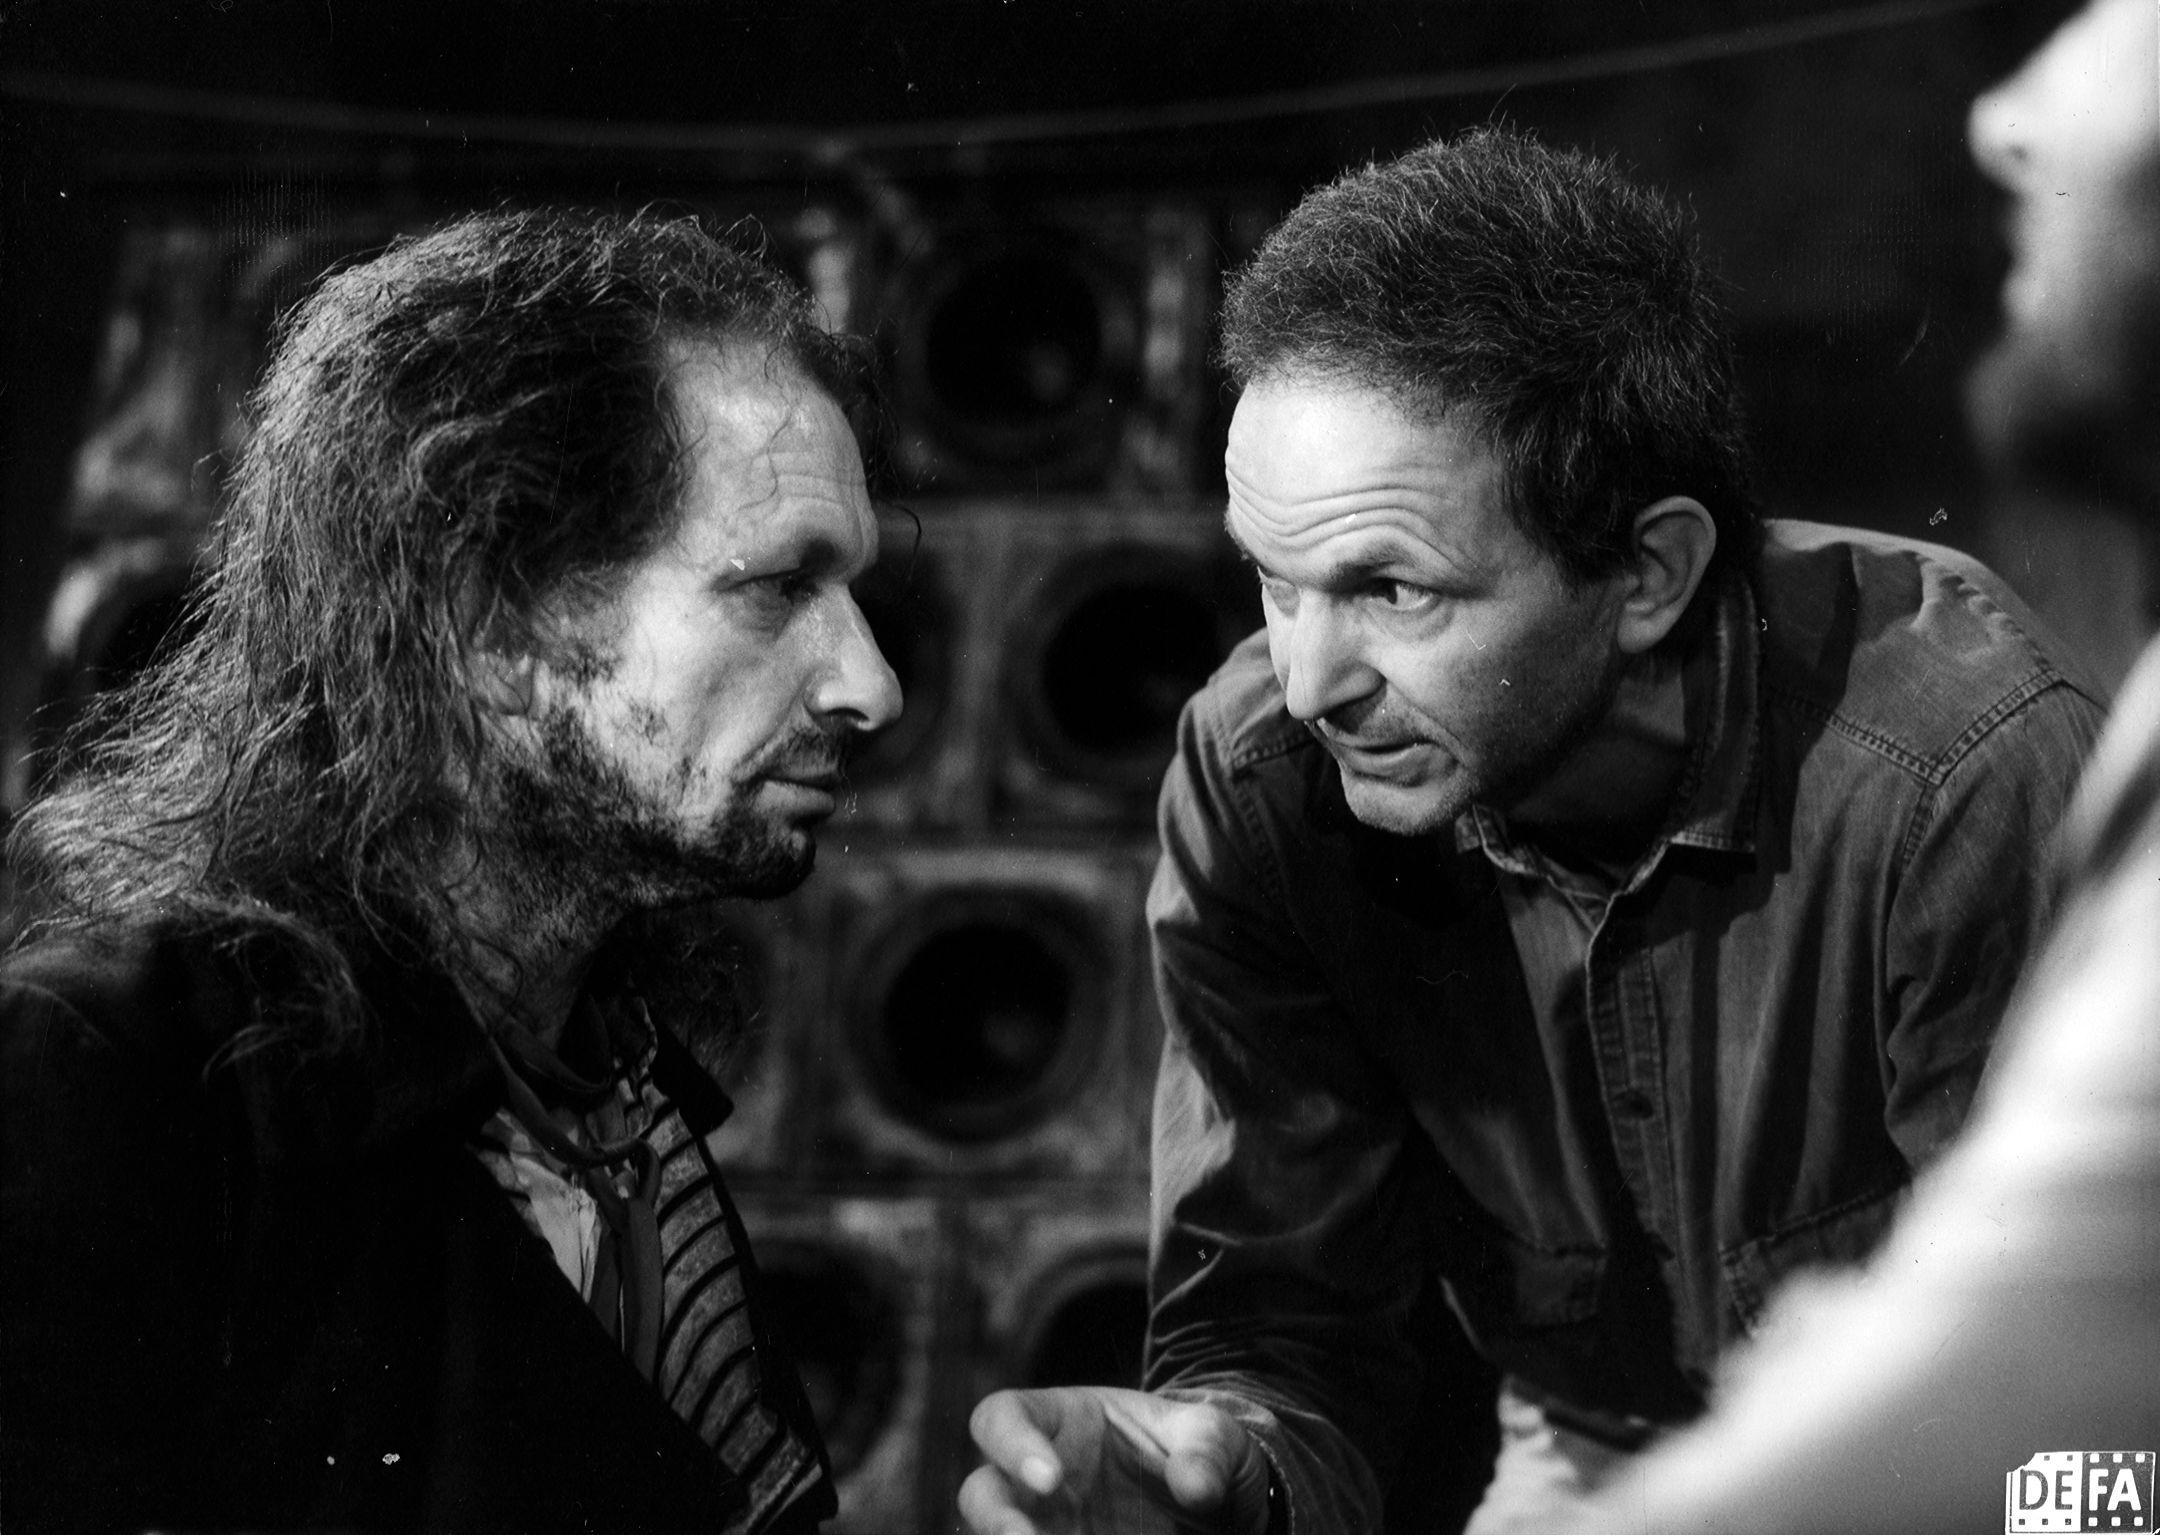 """Gwisdeks Regiedebüt schaffte es bis nach Cannes: """"Treffen in Travers"""" (DEFA-Stiftung/Klaus Goldmann)"""